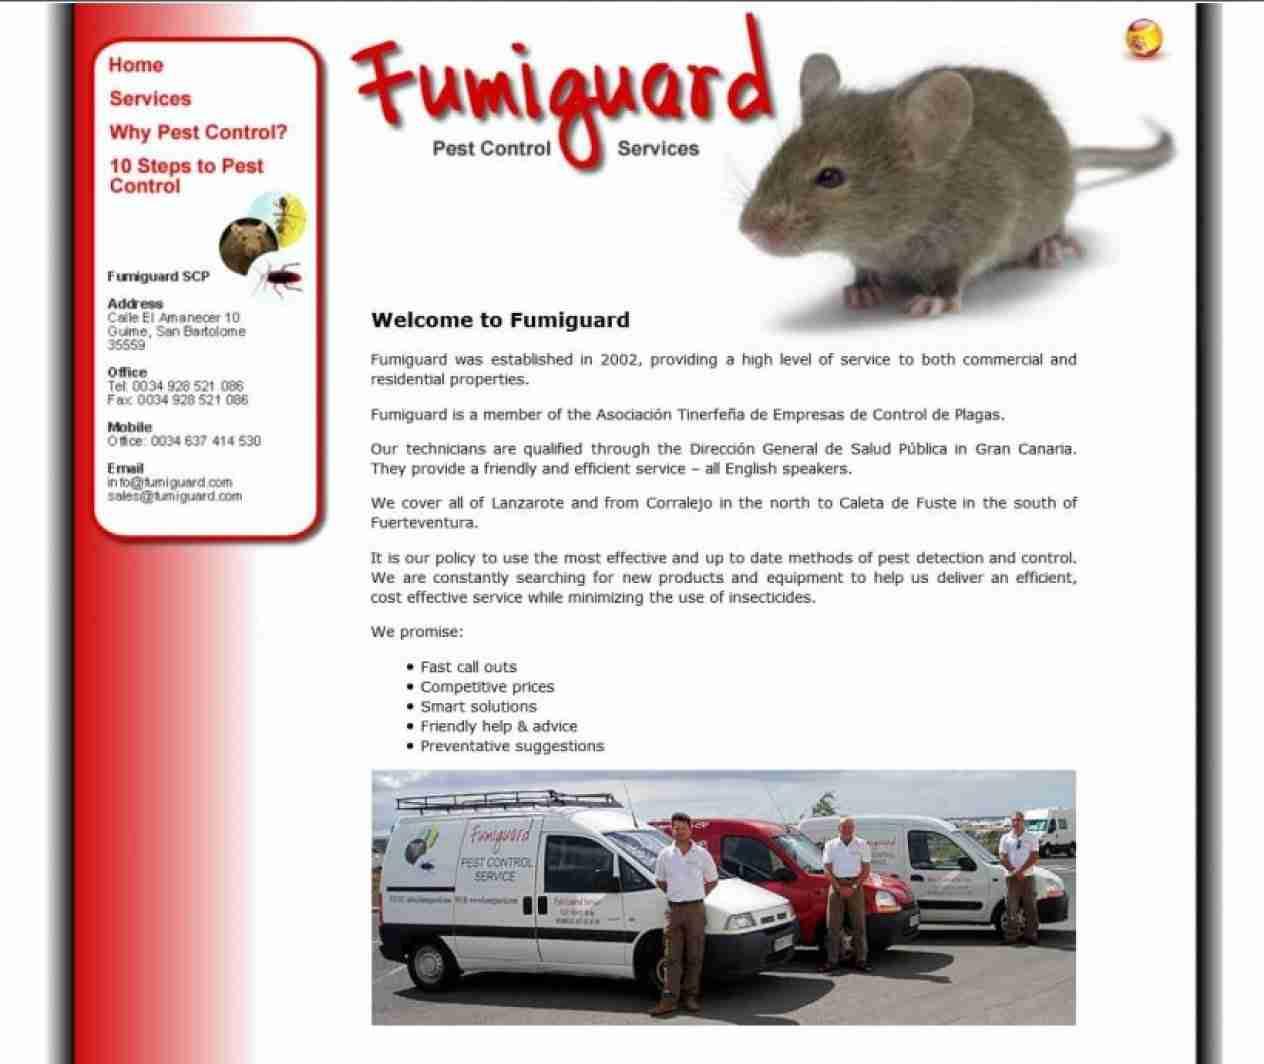 Fumiguard